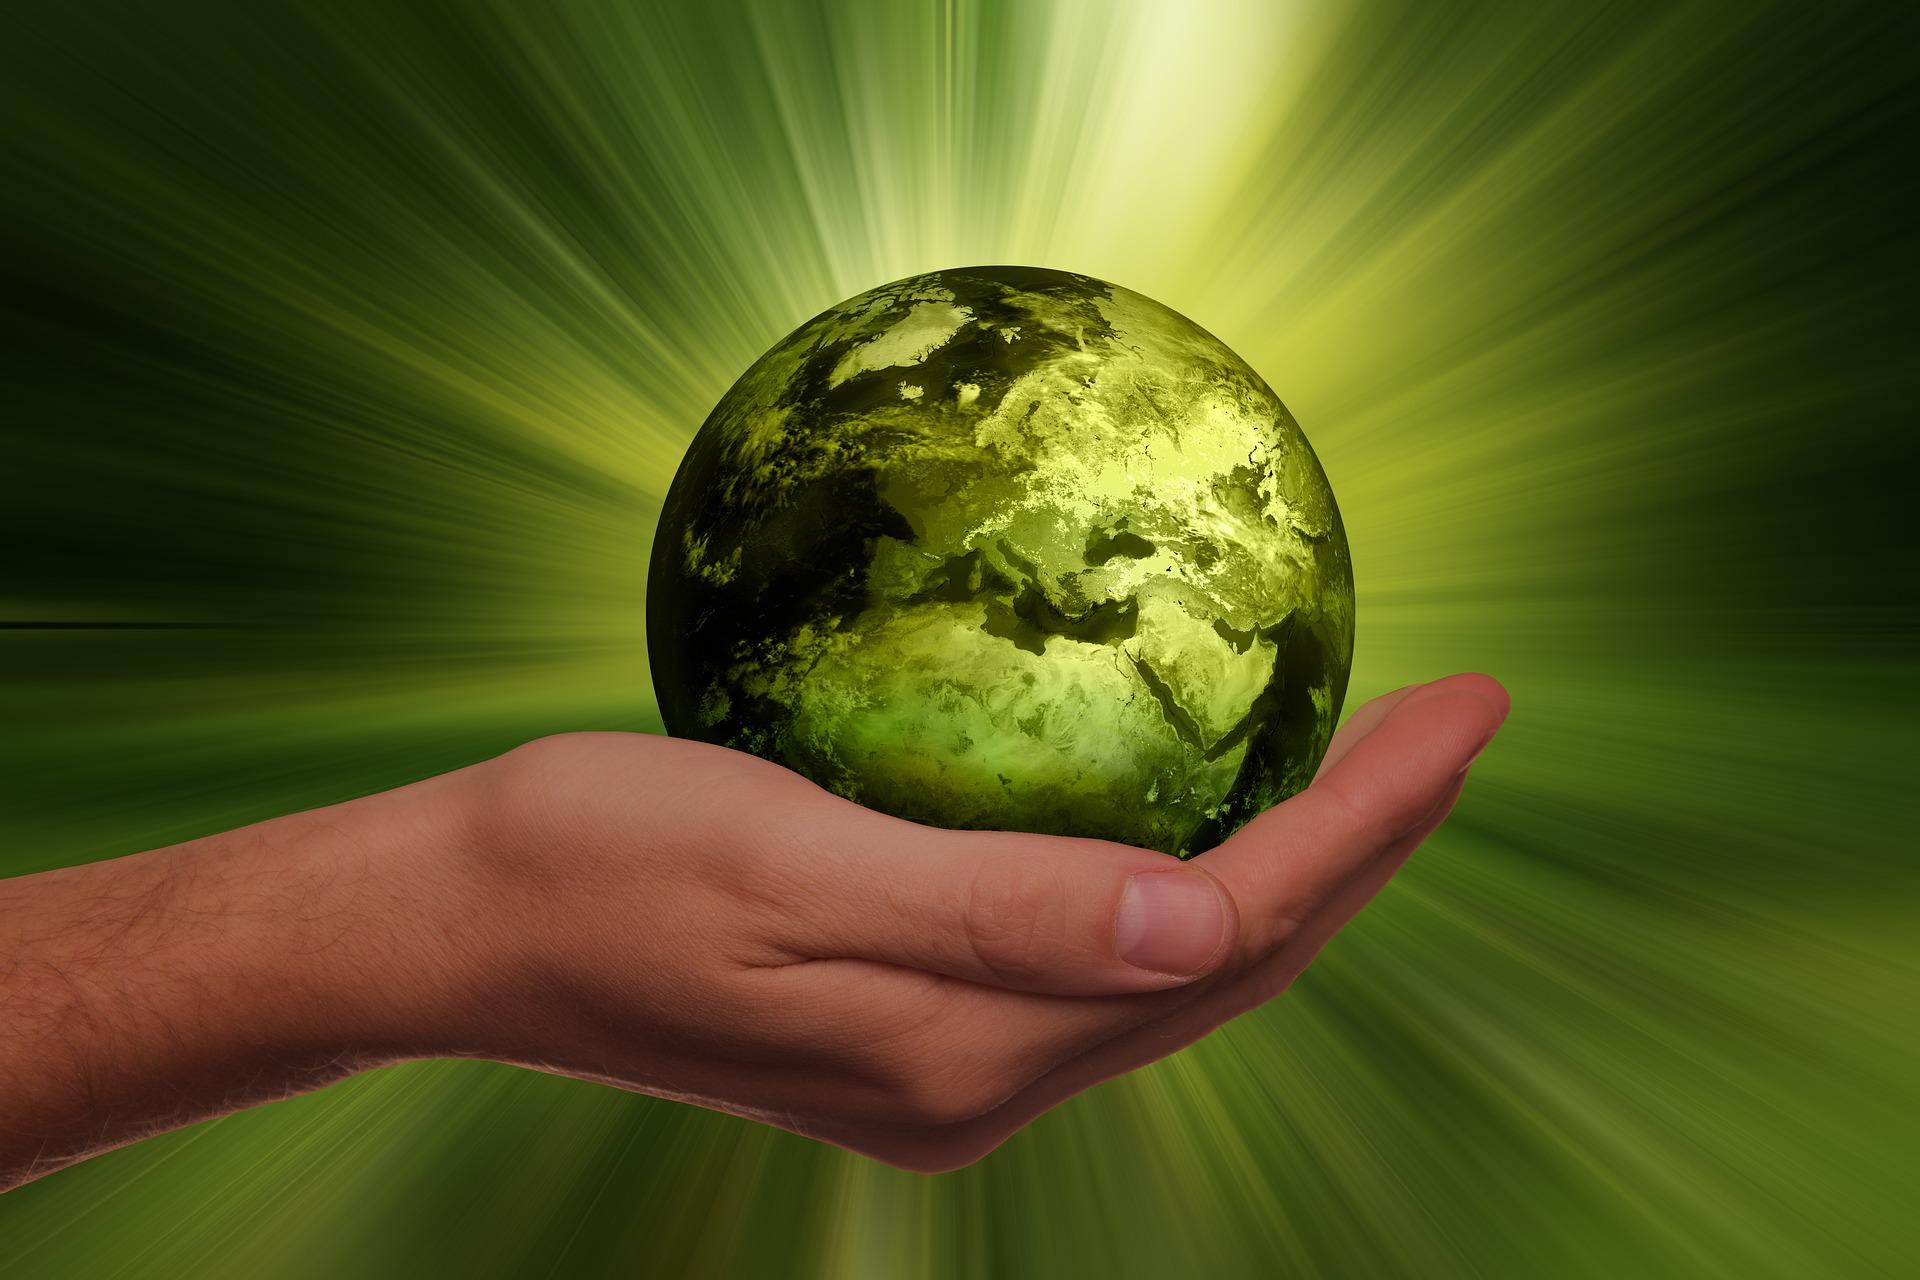 La sostenibilidad como factor estratégico para la pyme